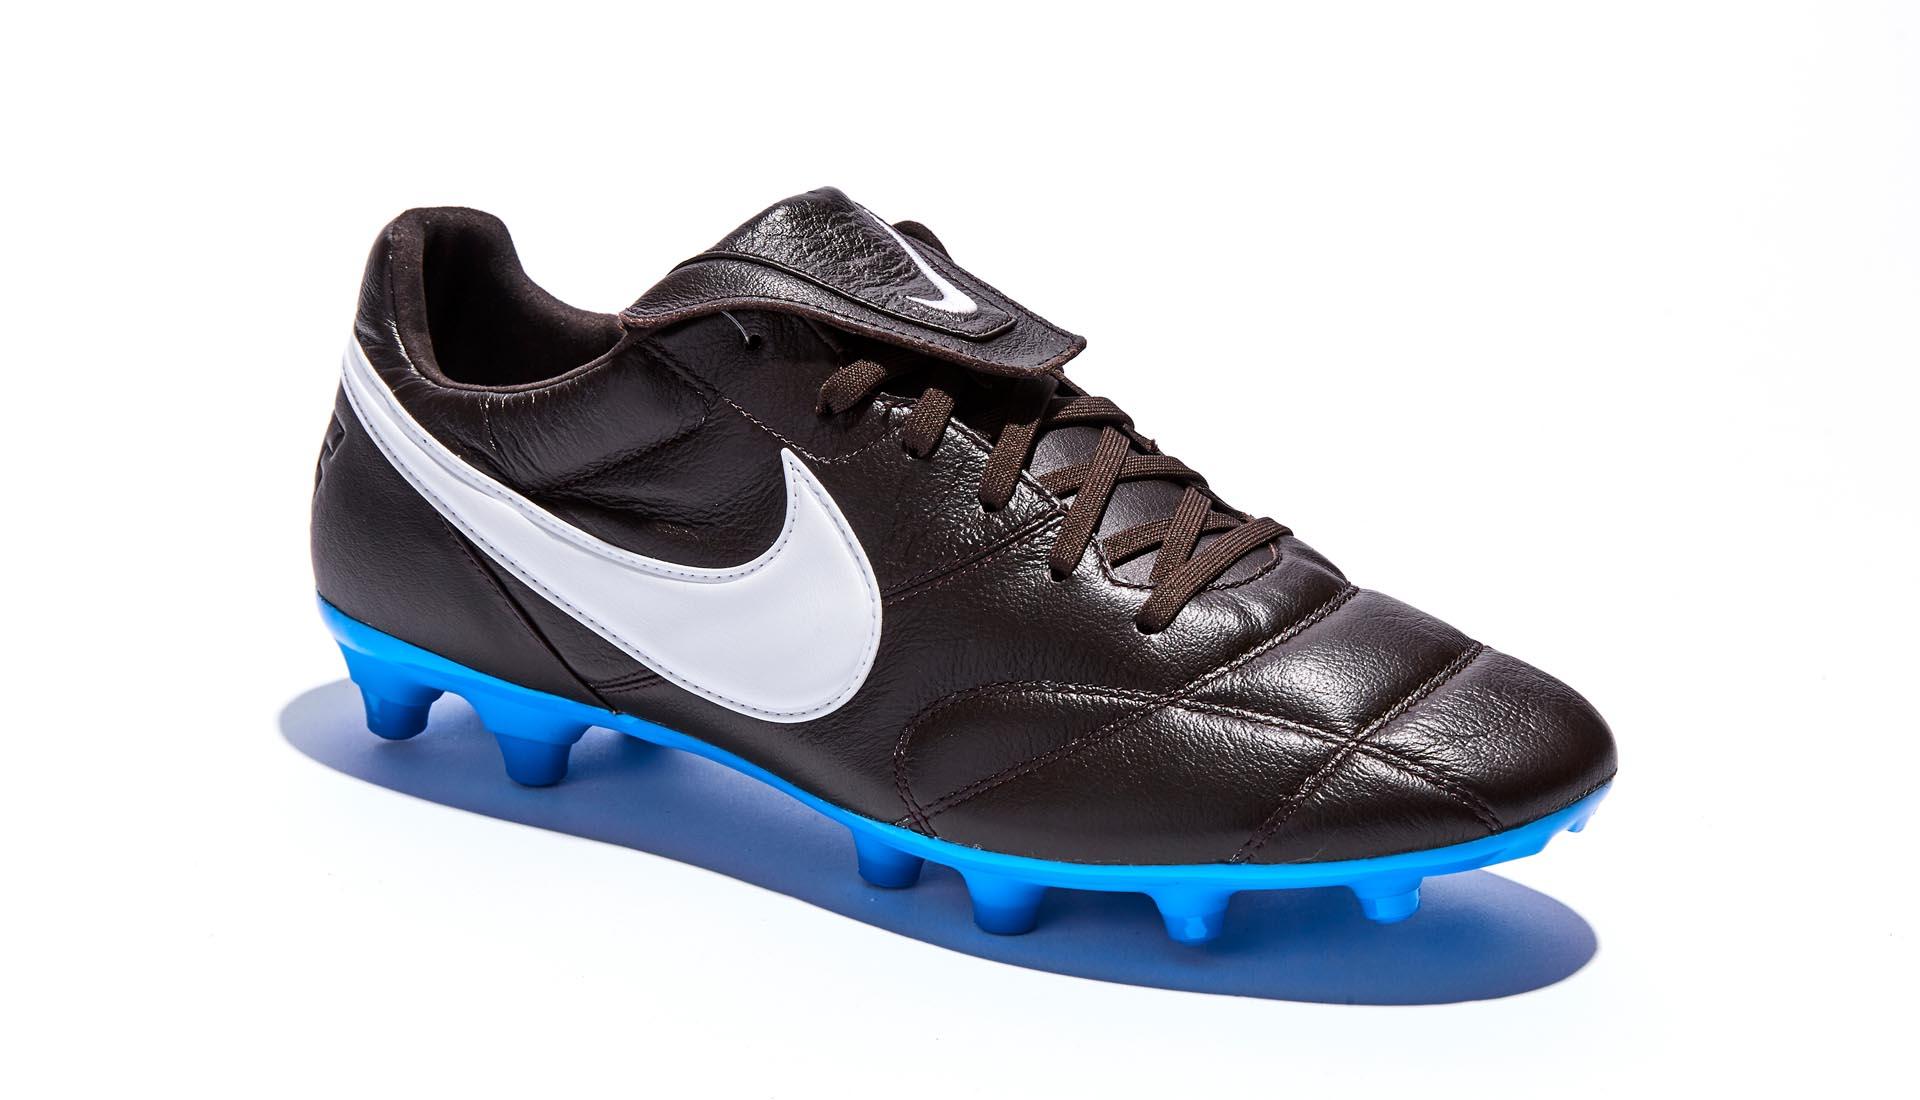 a43a4325d Nike Launch The Premier 2.0